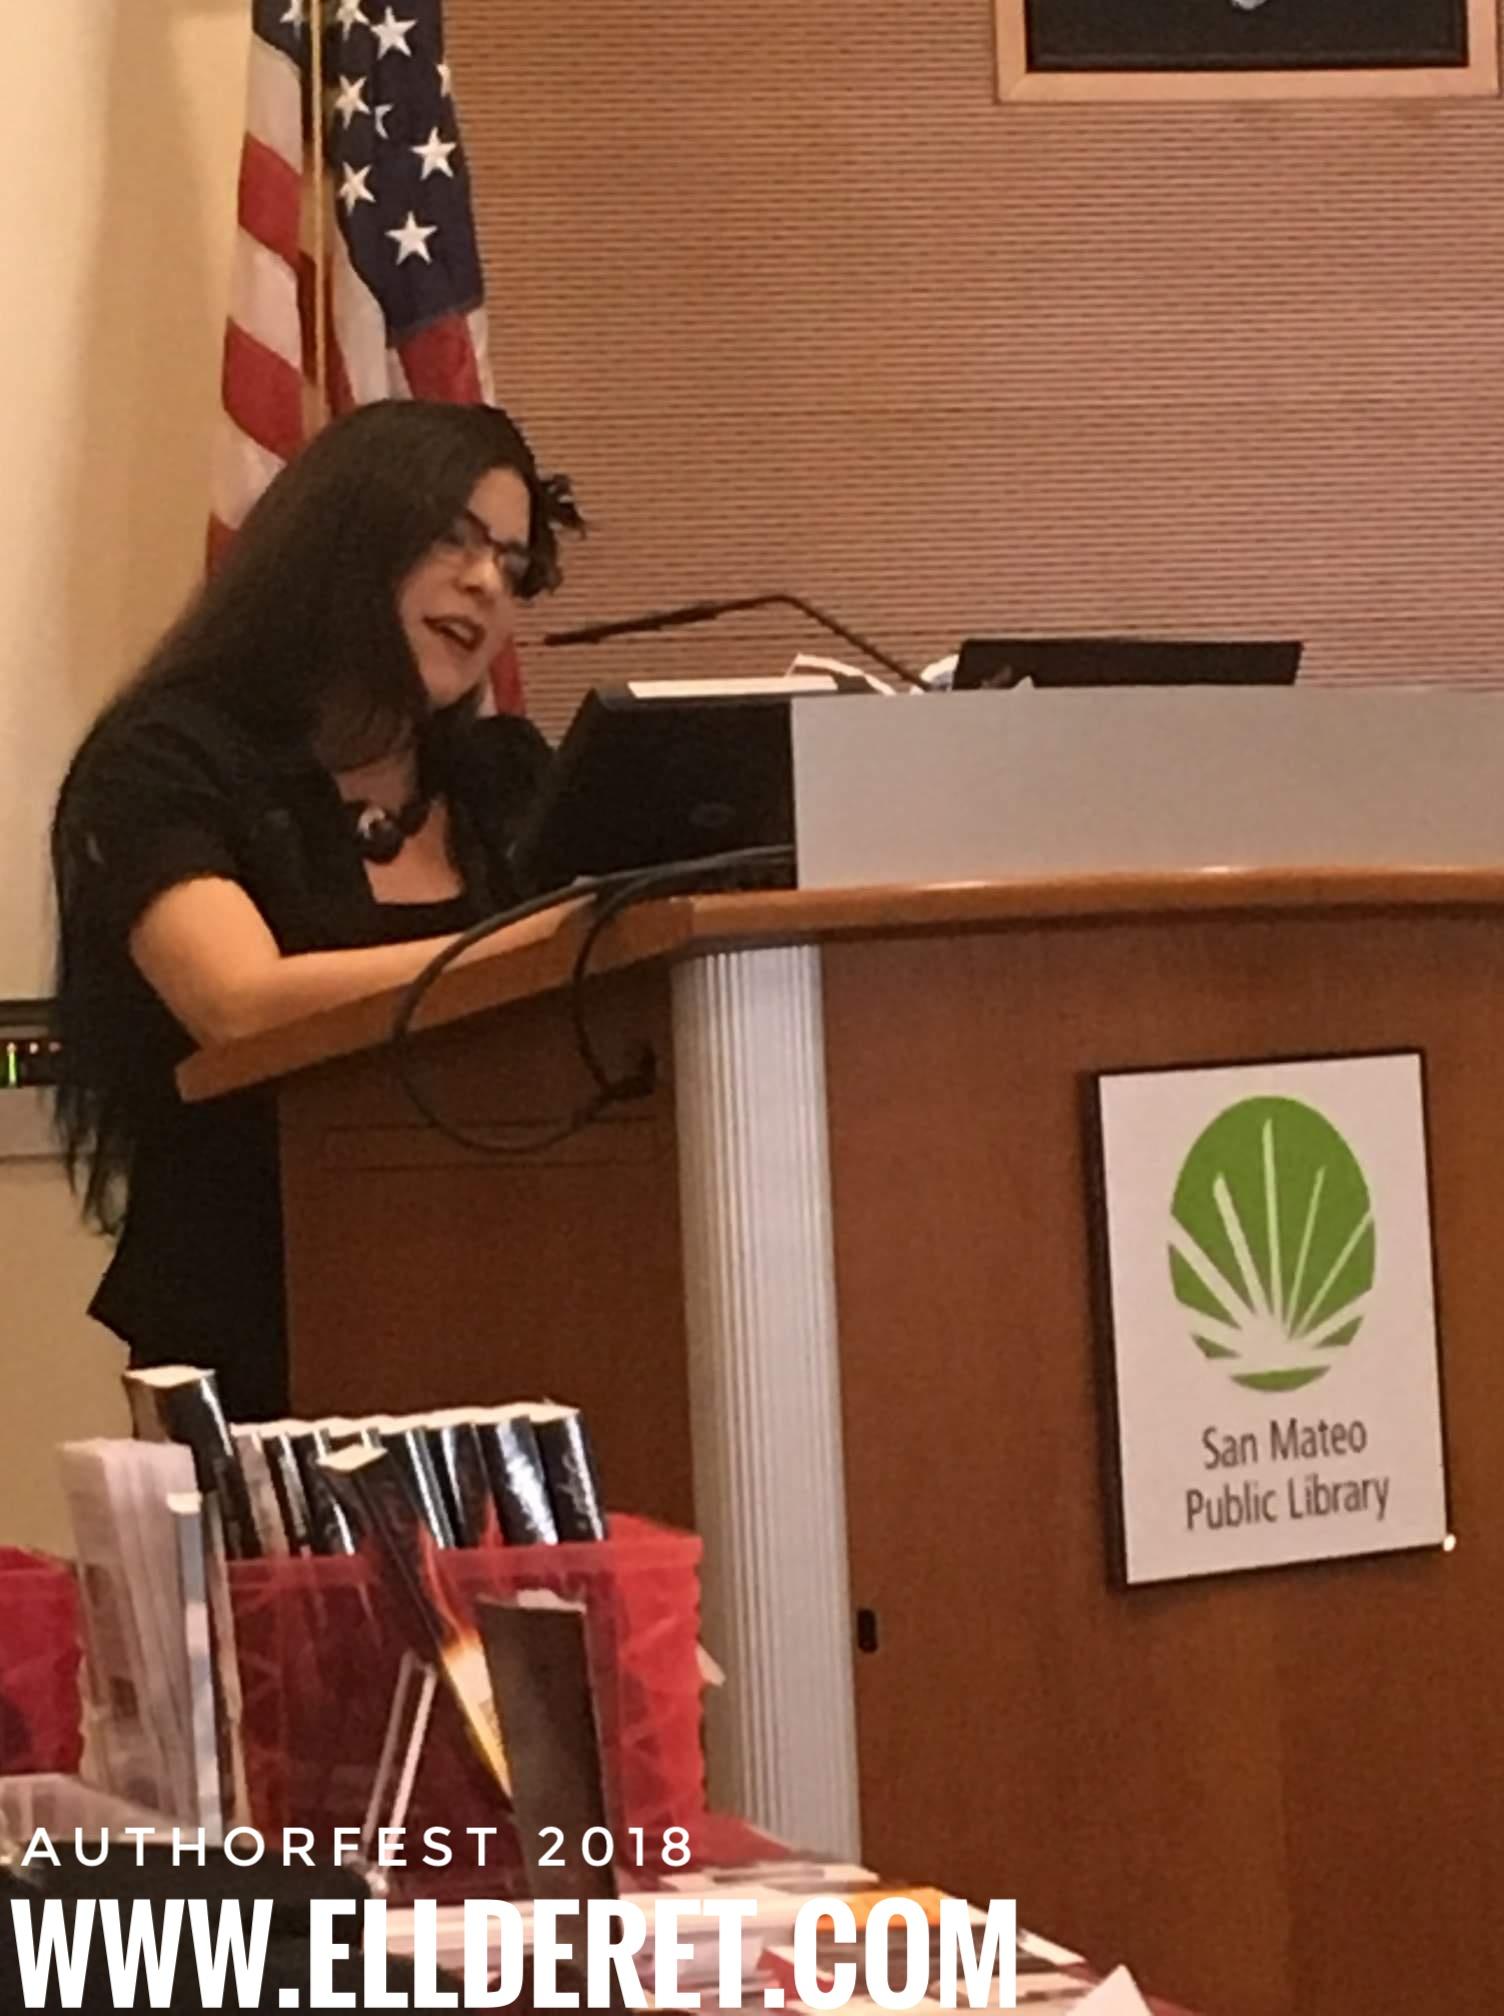 AuthorFest | San Mateo Public Library